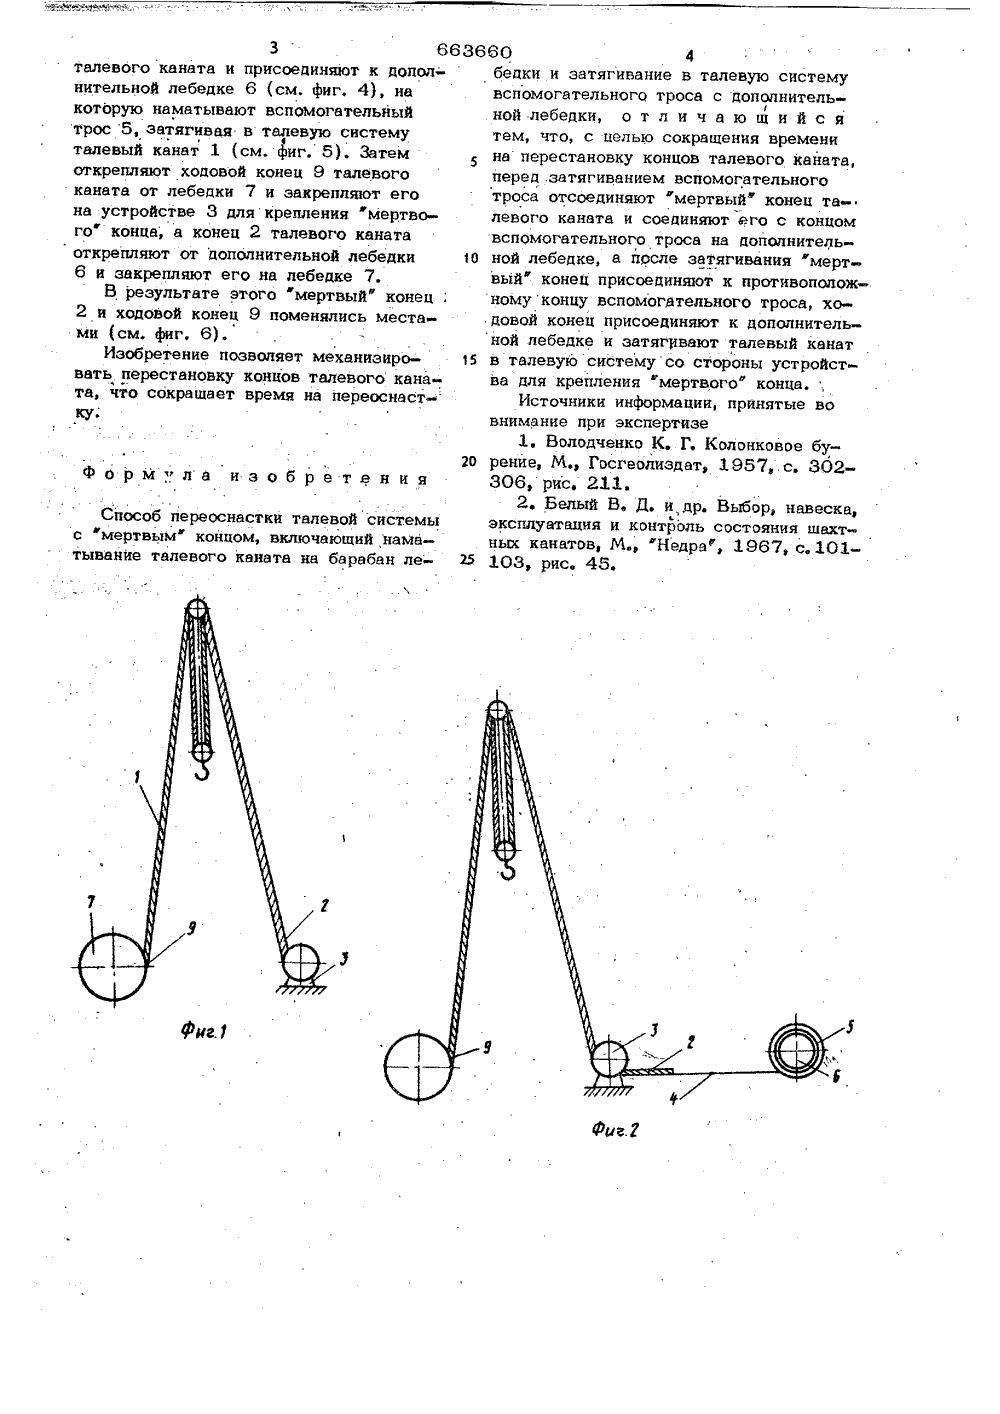 схема оснастки талевого каната